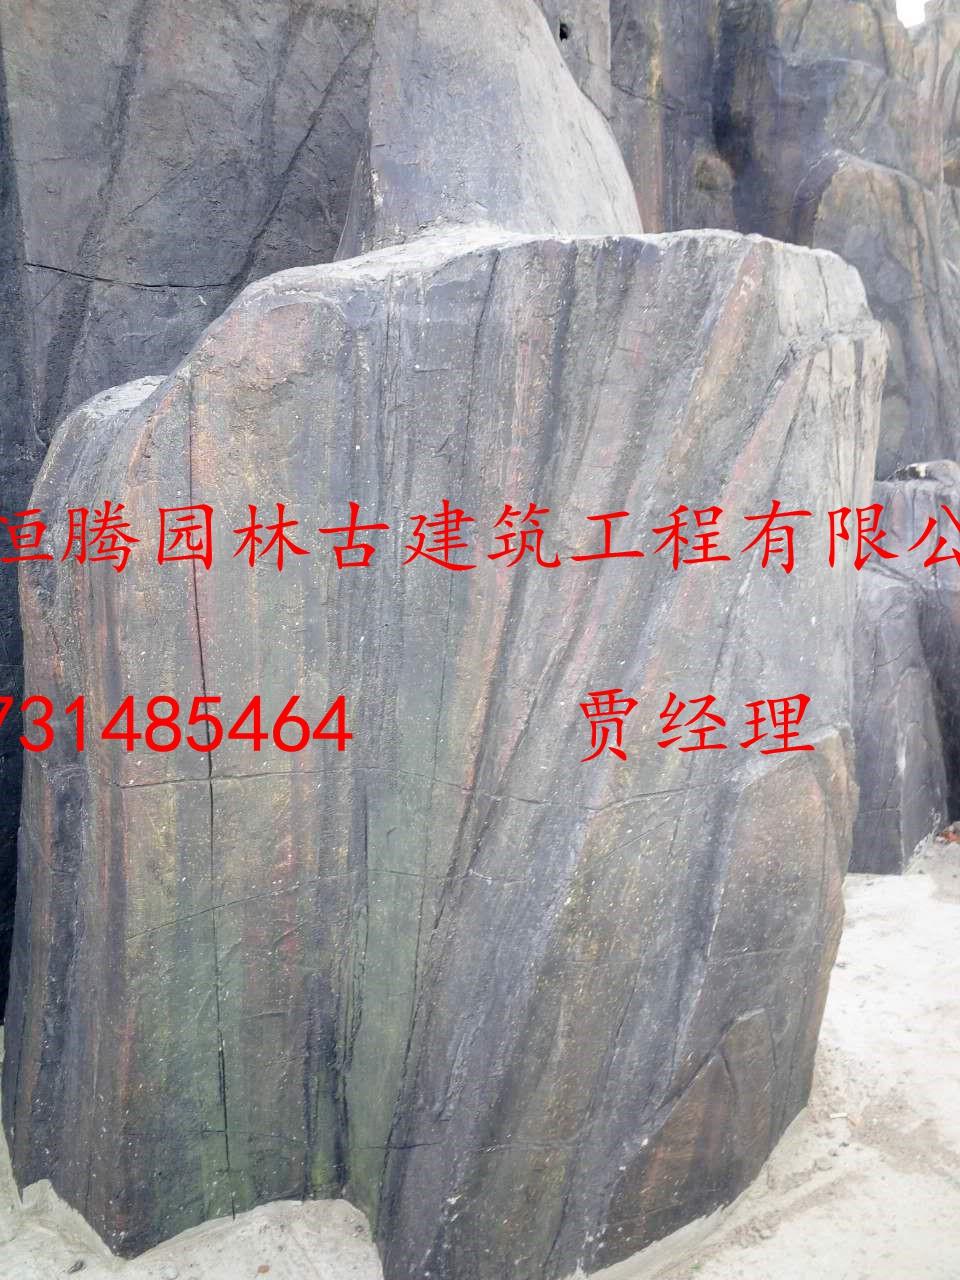 水泥塑山制作06.jpg